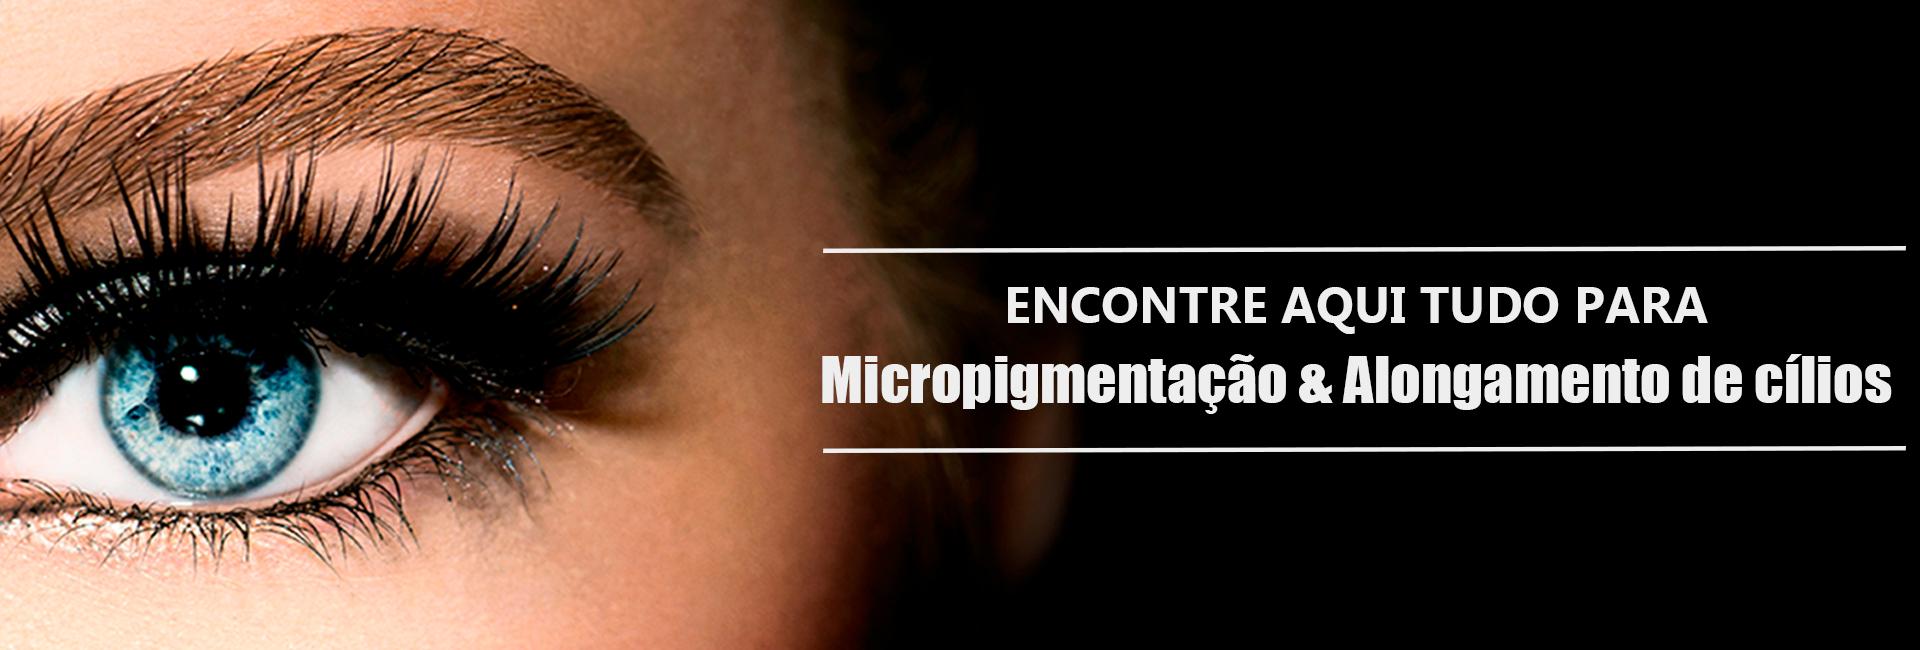 Materiais-para-micropigmentacao